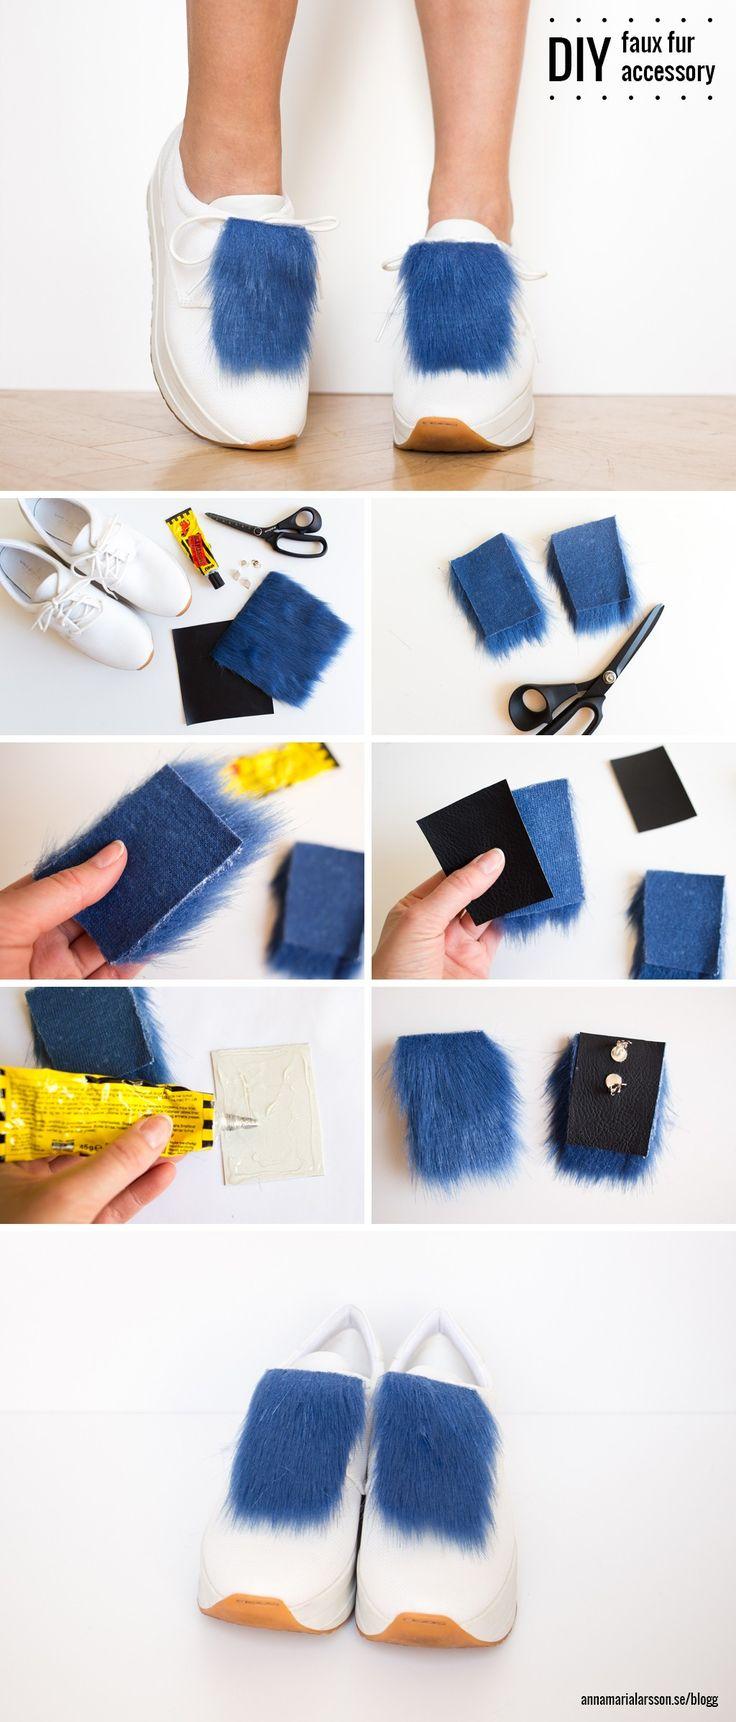 DIY faux fur accessory by Anna María